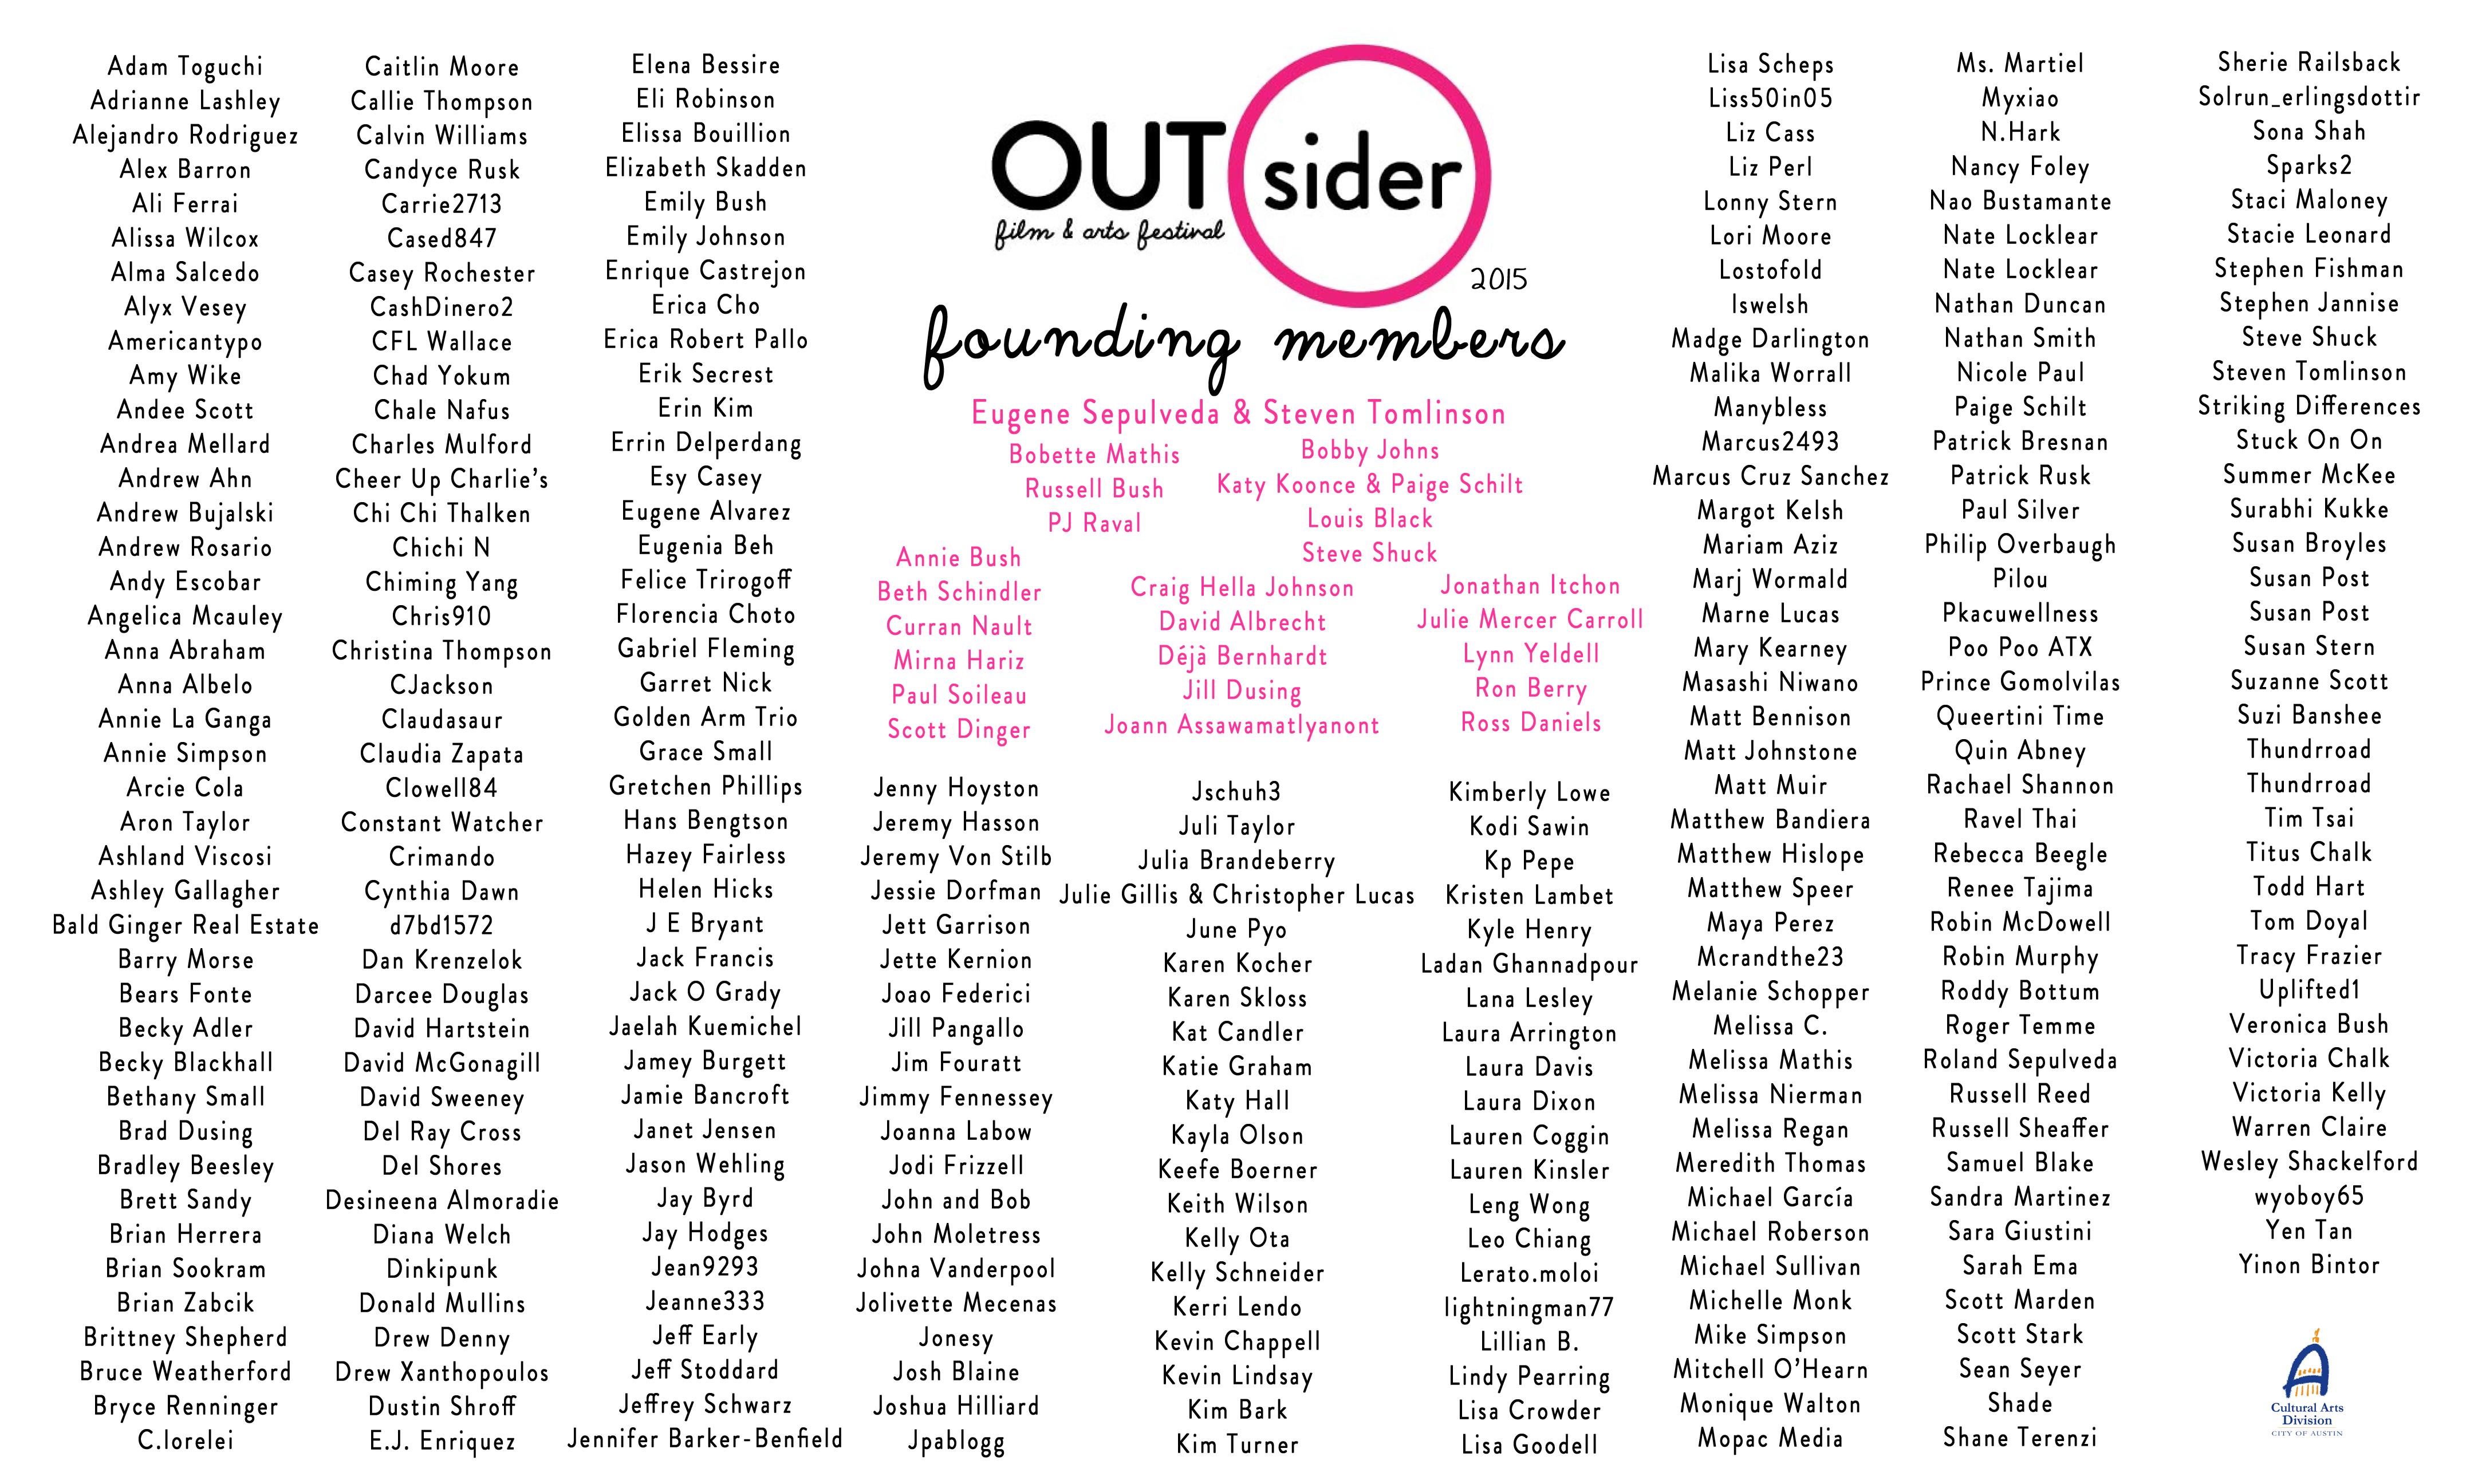 OUTsider Founding Members Banner